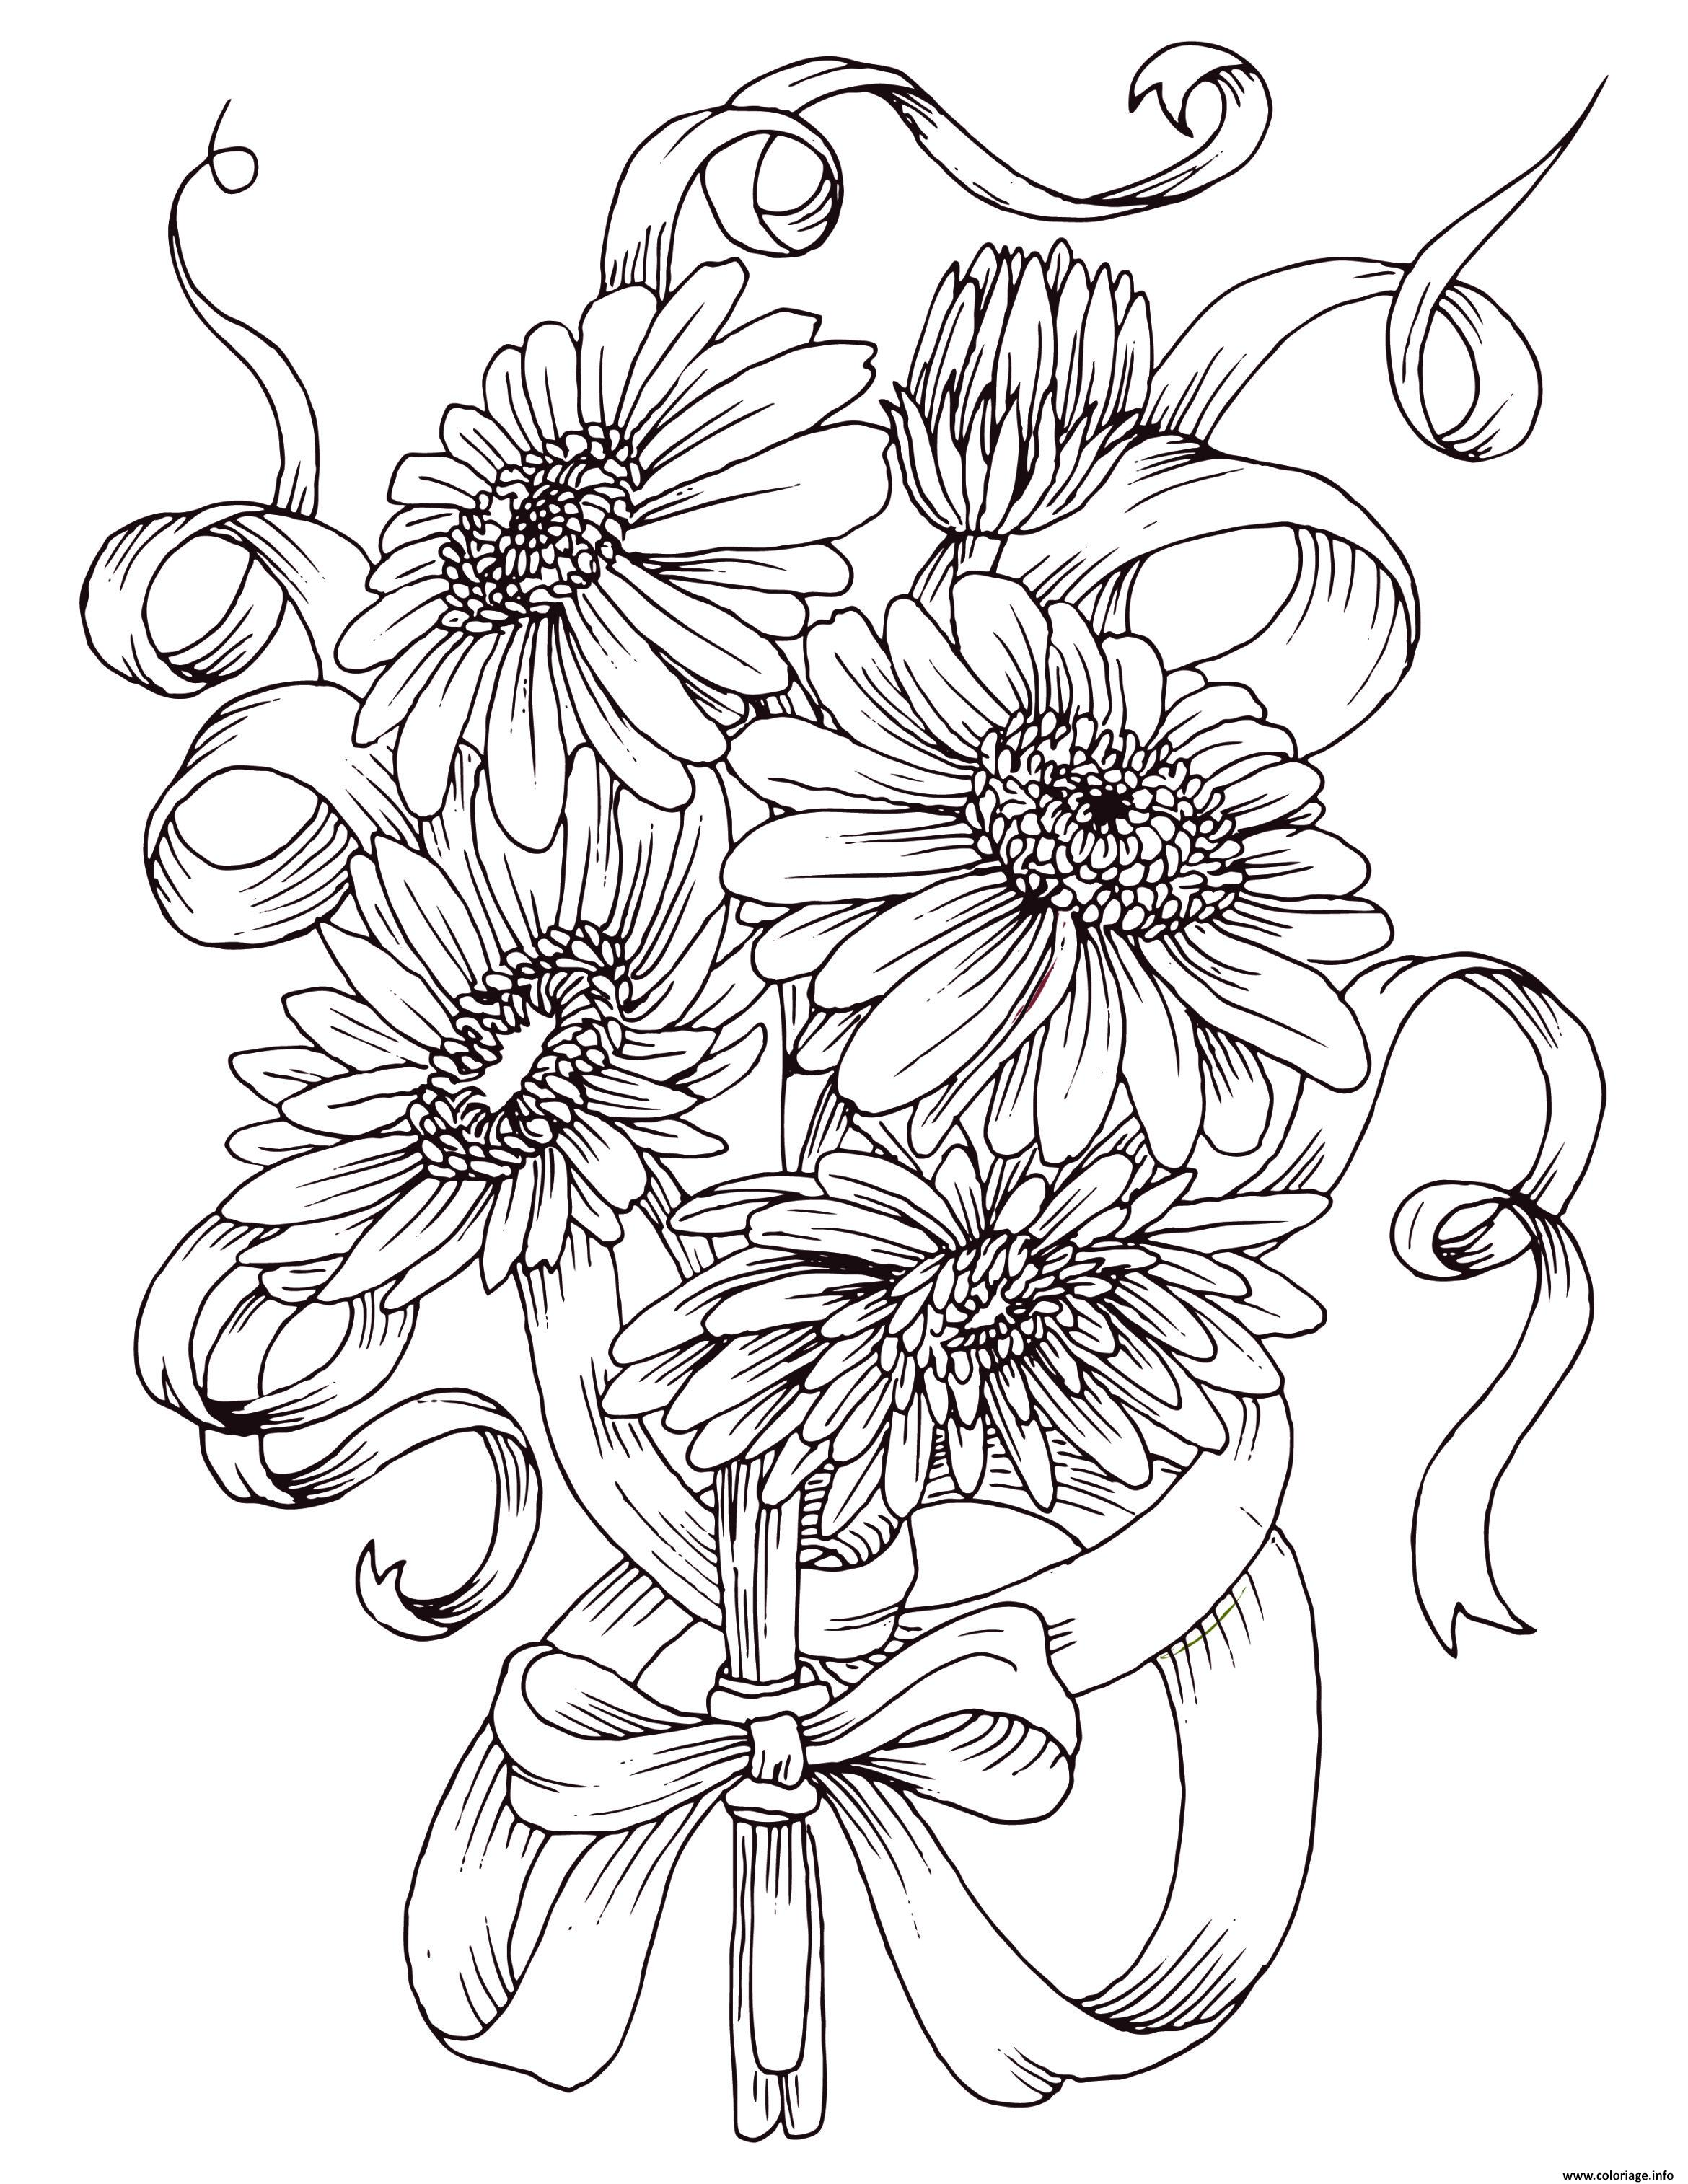 Luxe Dessin A Colorier Gratuit Fleurs